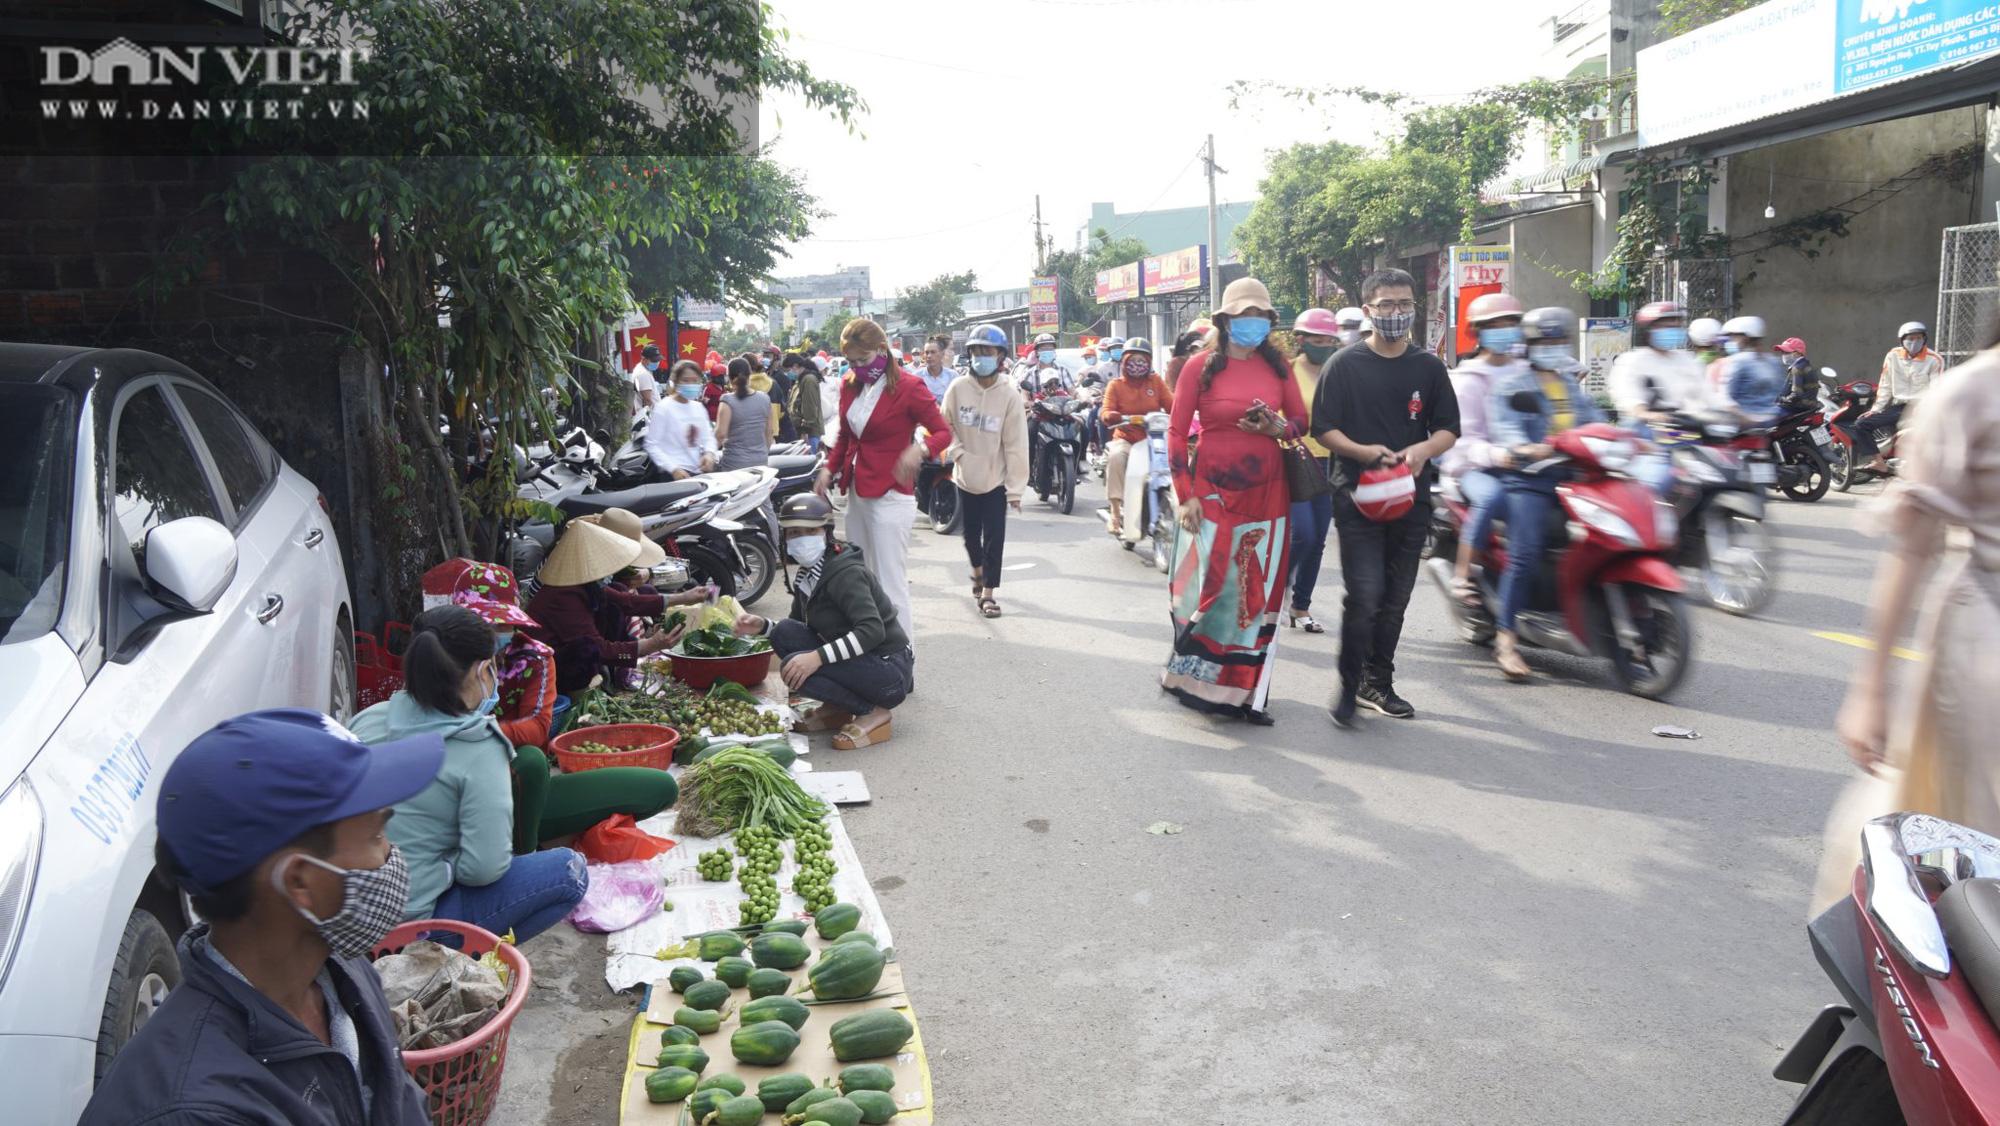 """Phiên chợ """"hiếm thấy"""" ít người biết ở Bình Định, mỗi năm chỉ họp duy nhất 1 lần - Ảnh 8."""